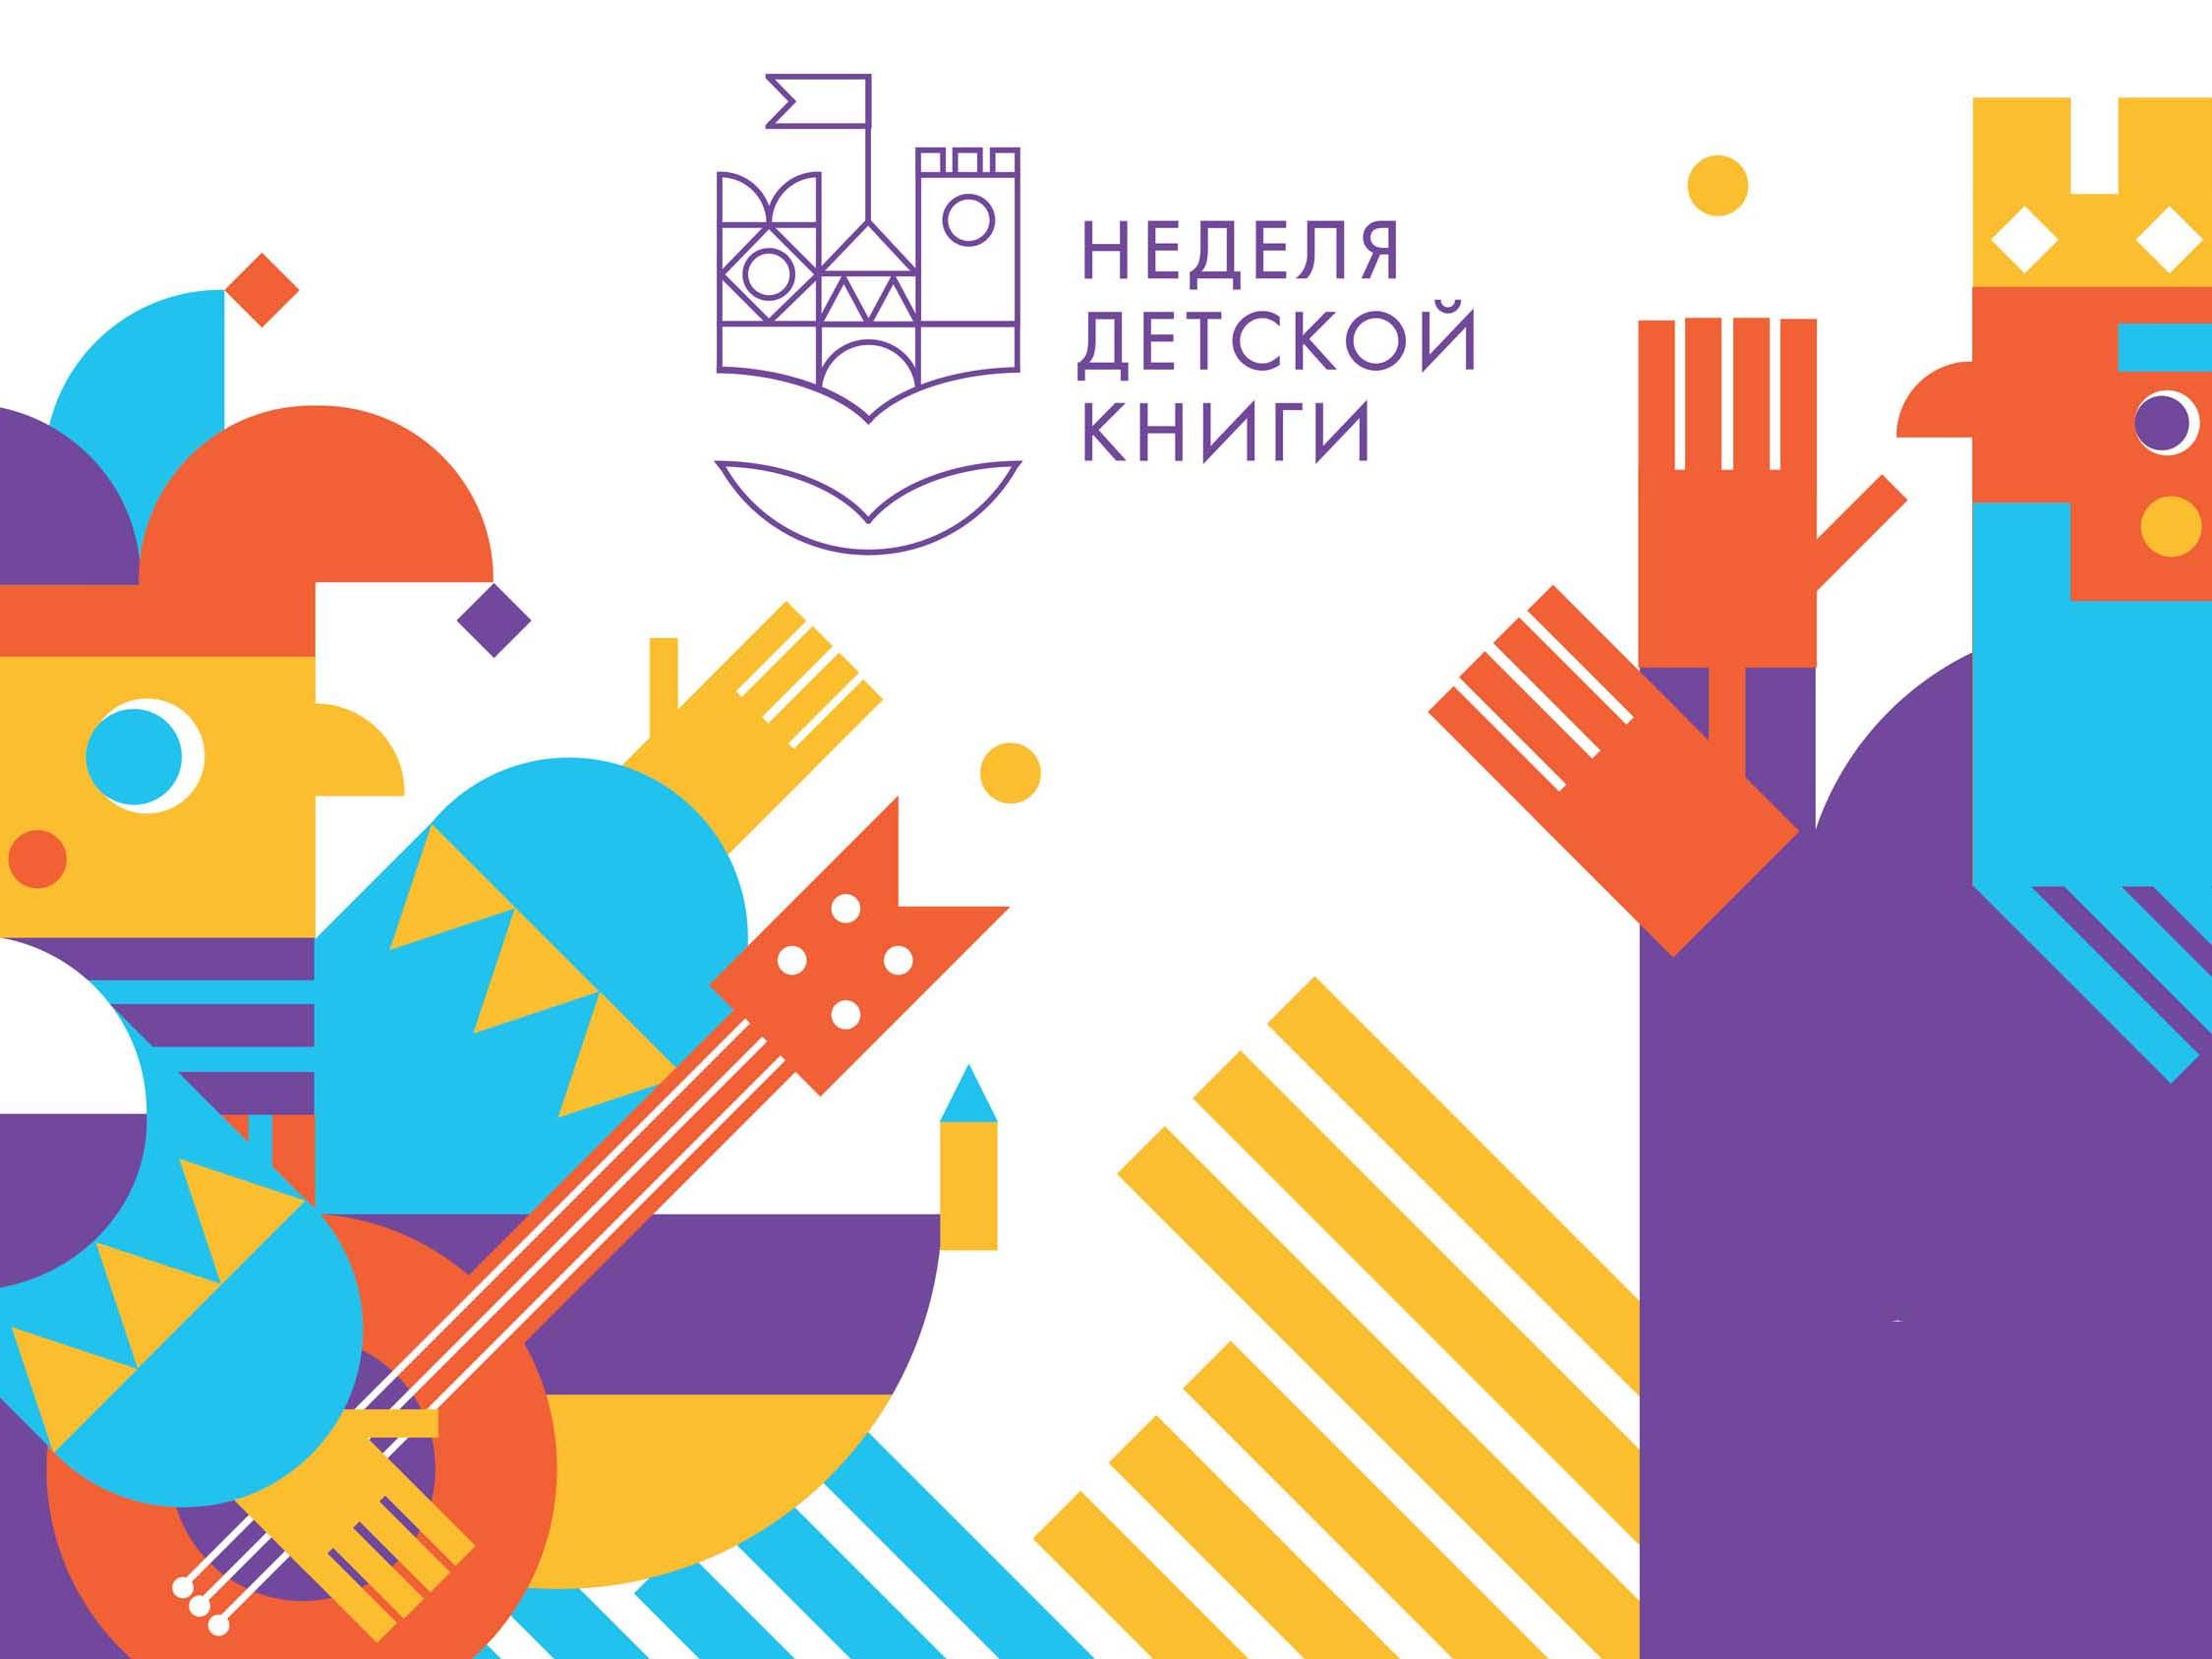 Маяковка присоединилась к Неделе детской книги!